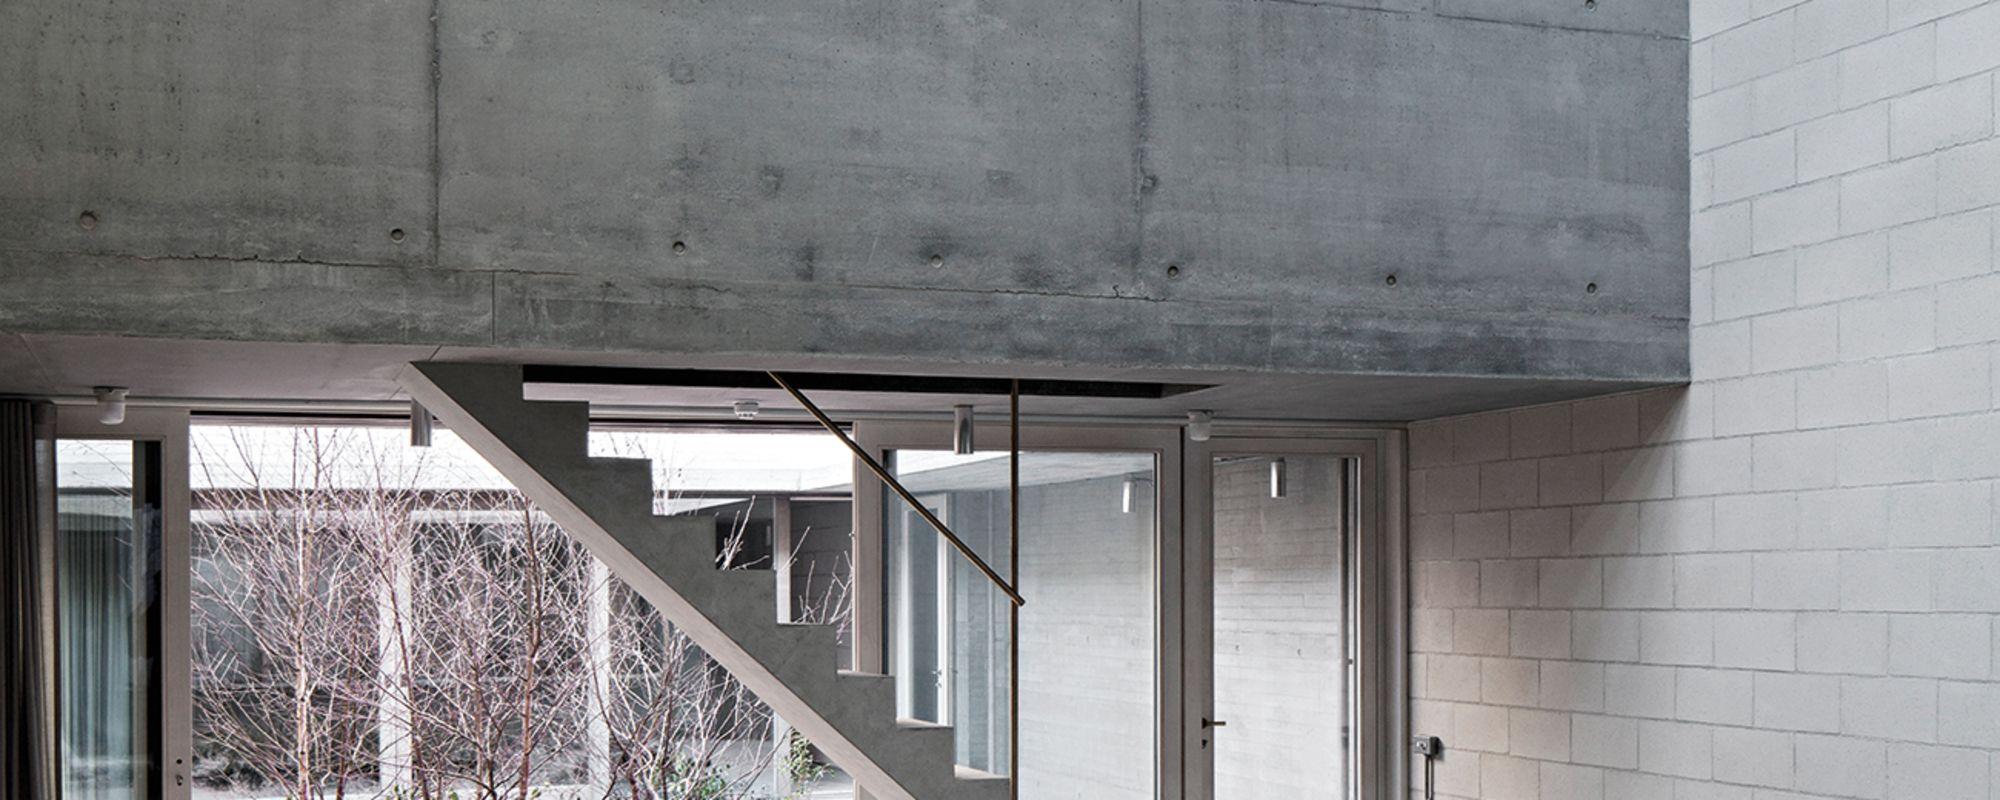 Juergen Teller, Studio, offenes Wohnen, Interior, Architektur